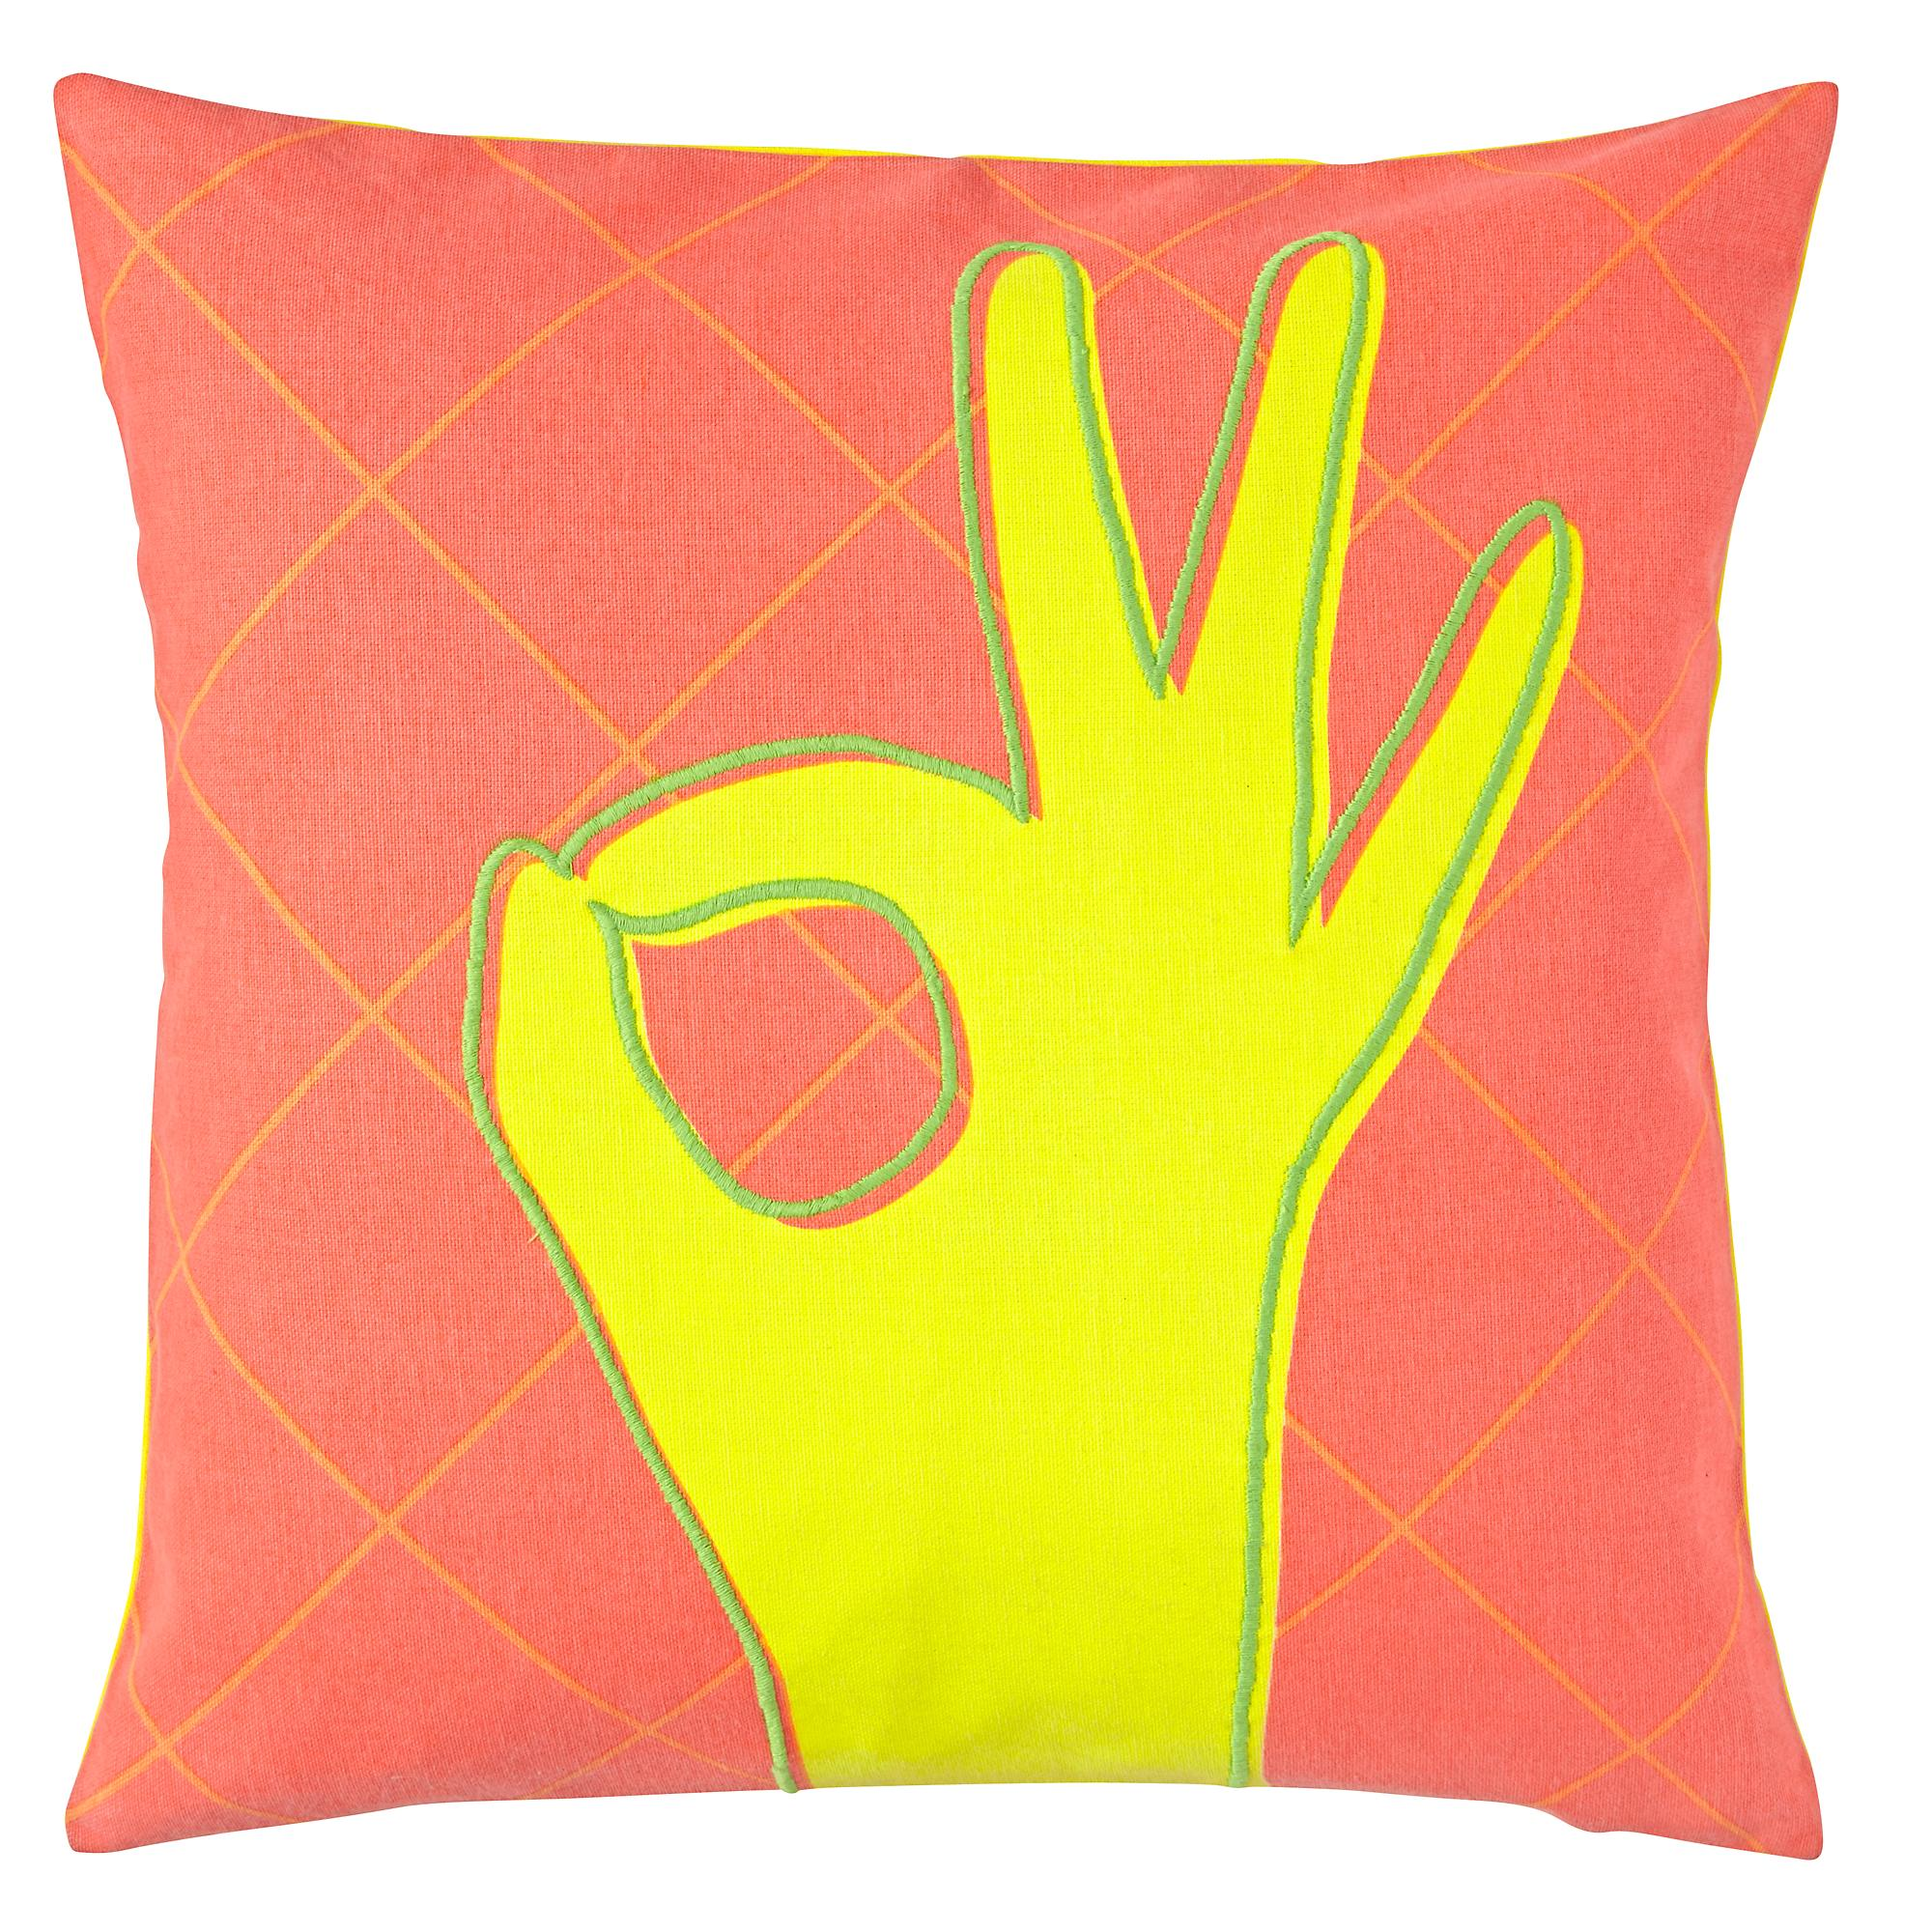 a-ok-throw-pillow.jpg